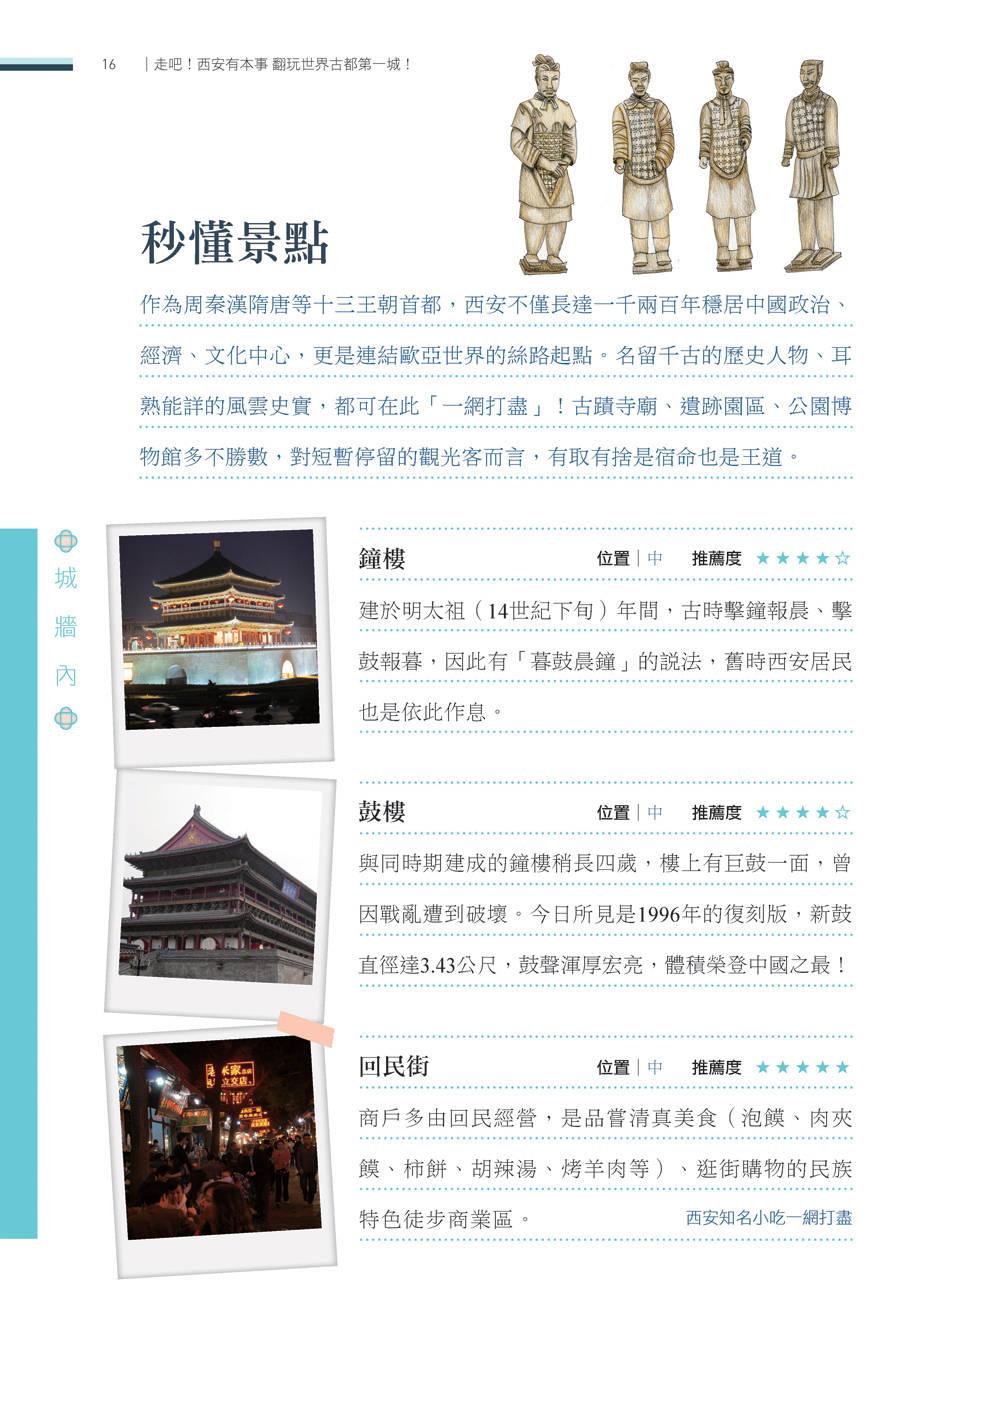 http://im2.book.com.tw/image/getImage?i=http://www.books.com.tw/img/001/071/93/0010719376_b_01.jpg&v=57629c40&w=655&h=609